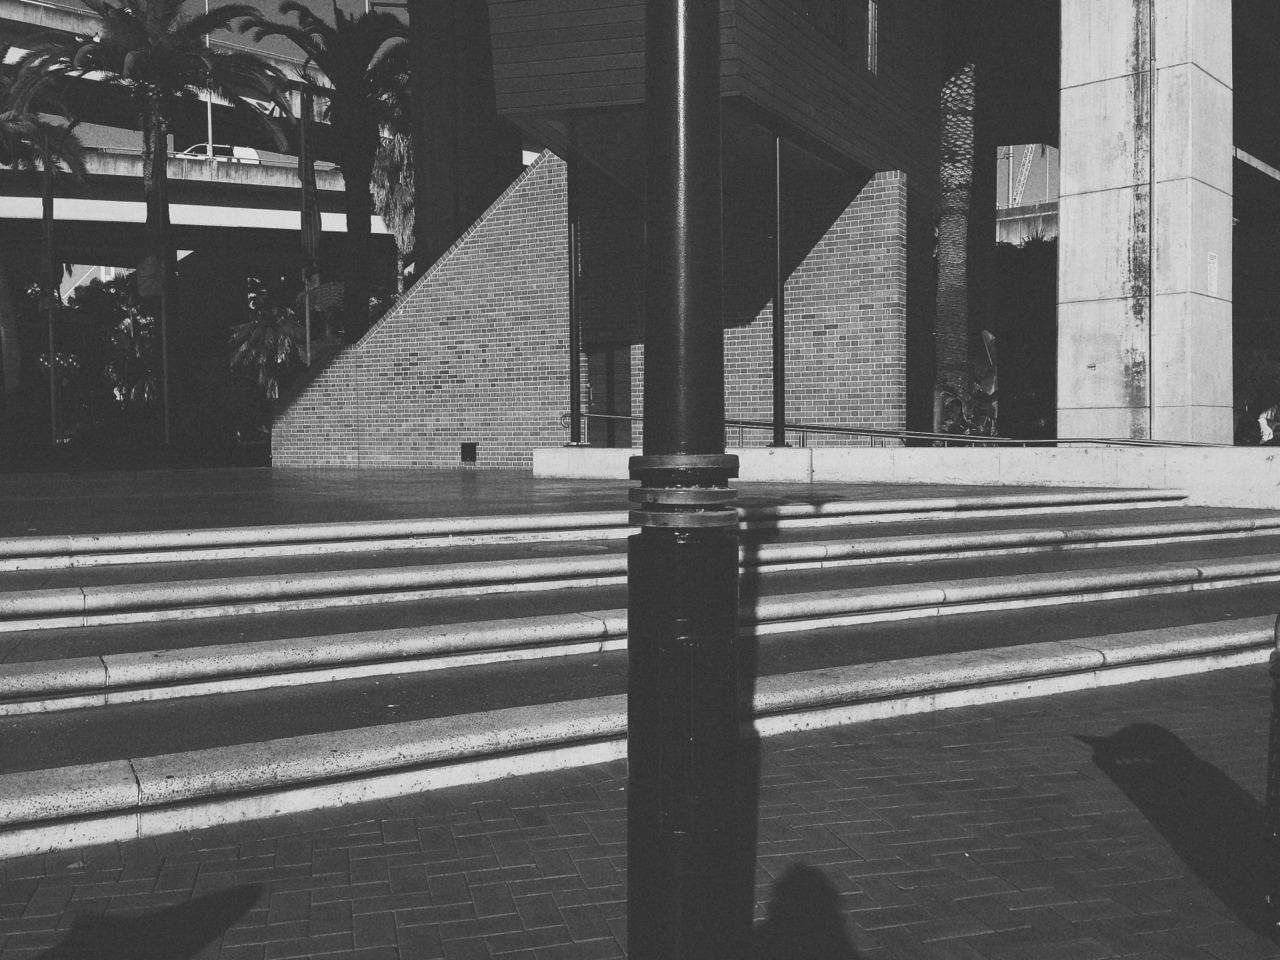 #streetphotography #poles #sydney #vscocam